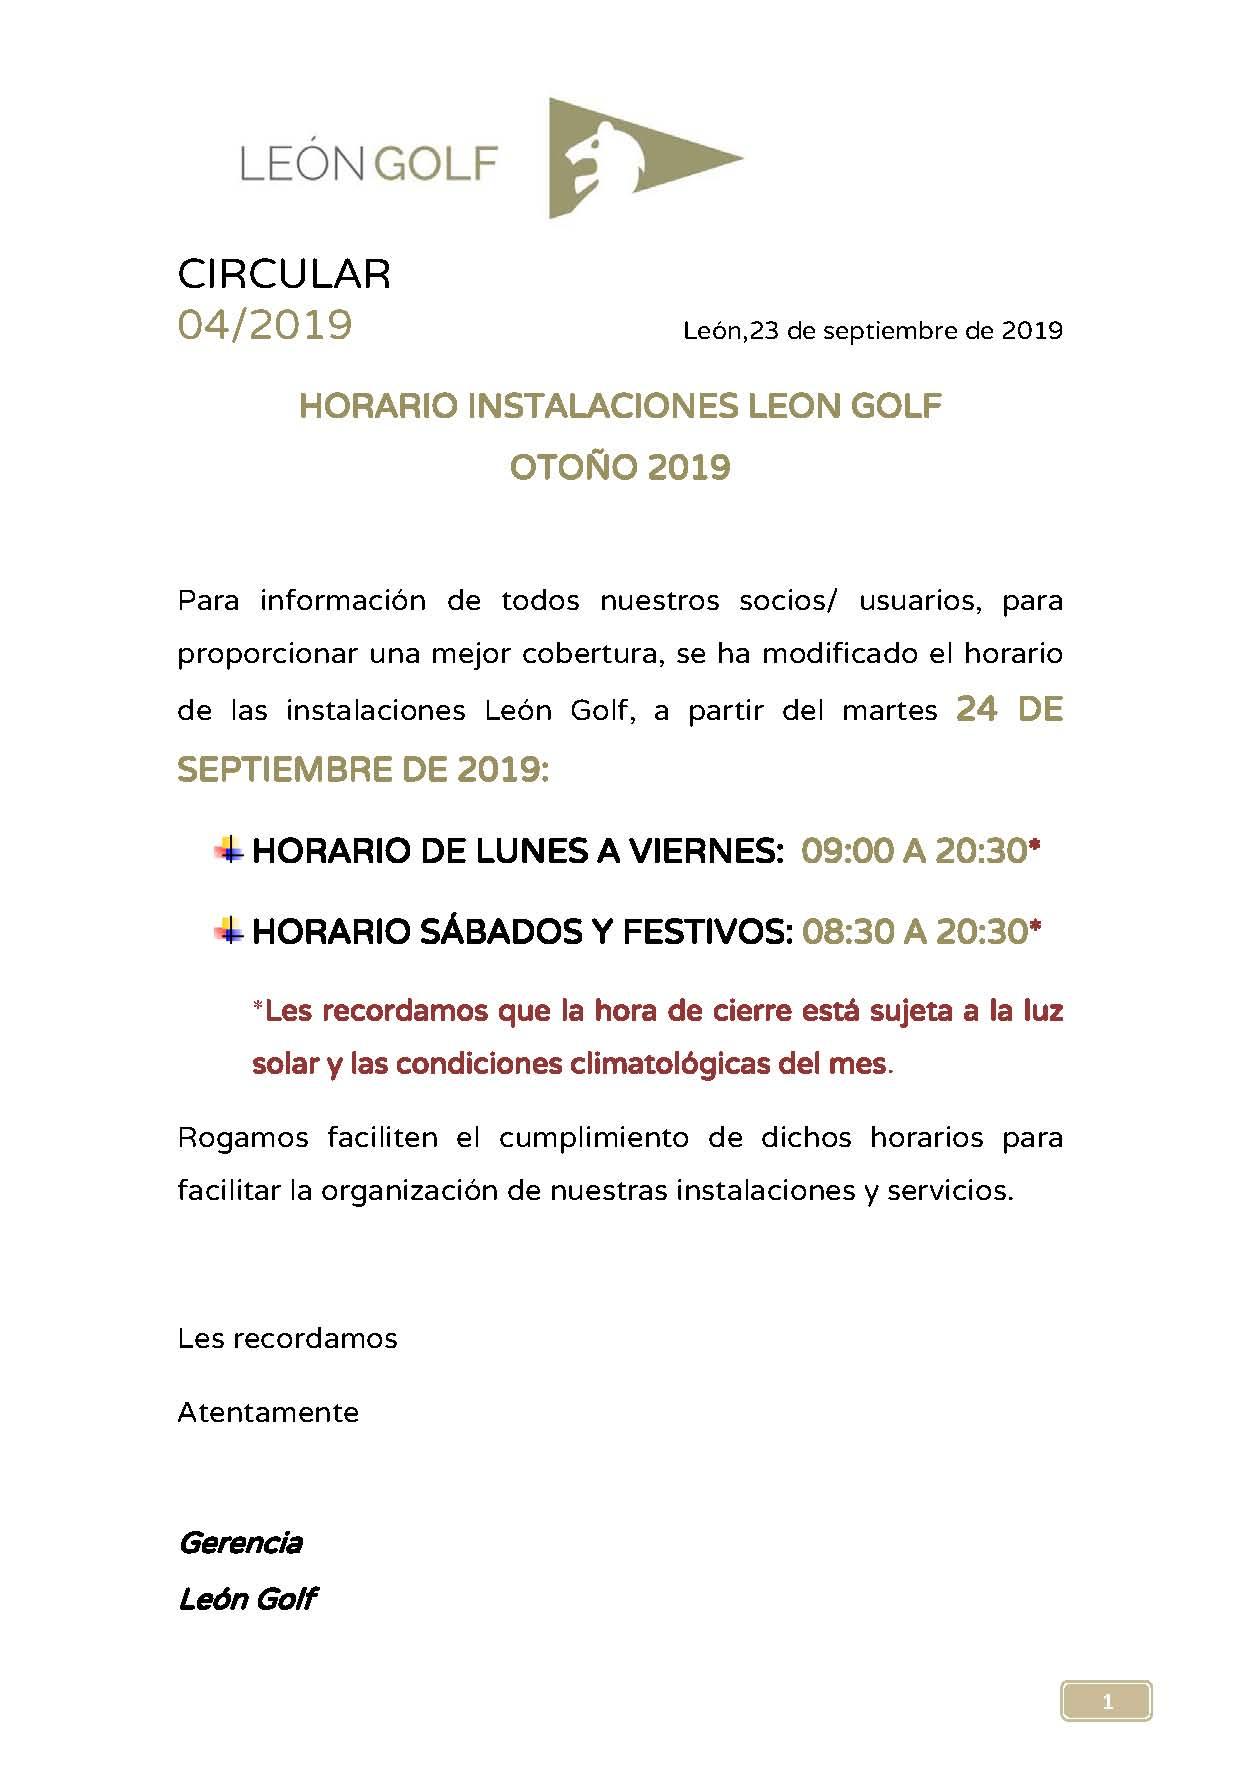 HORARIO APERTURA INSTALACIONES OTOÑO 2019 - imagen 2